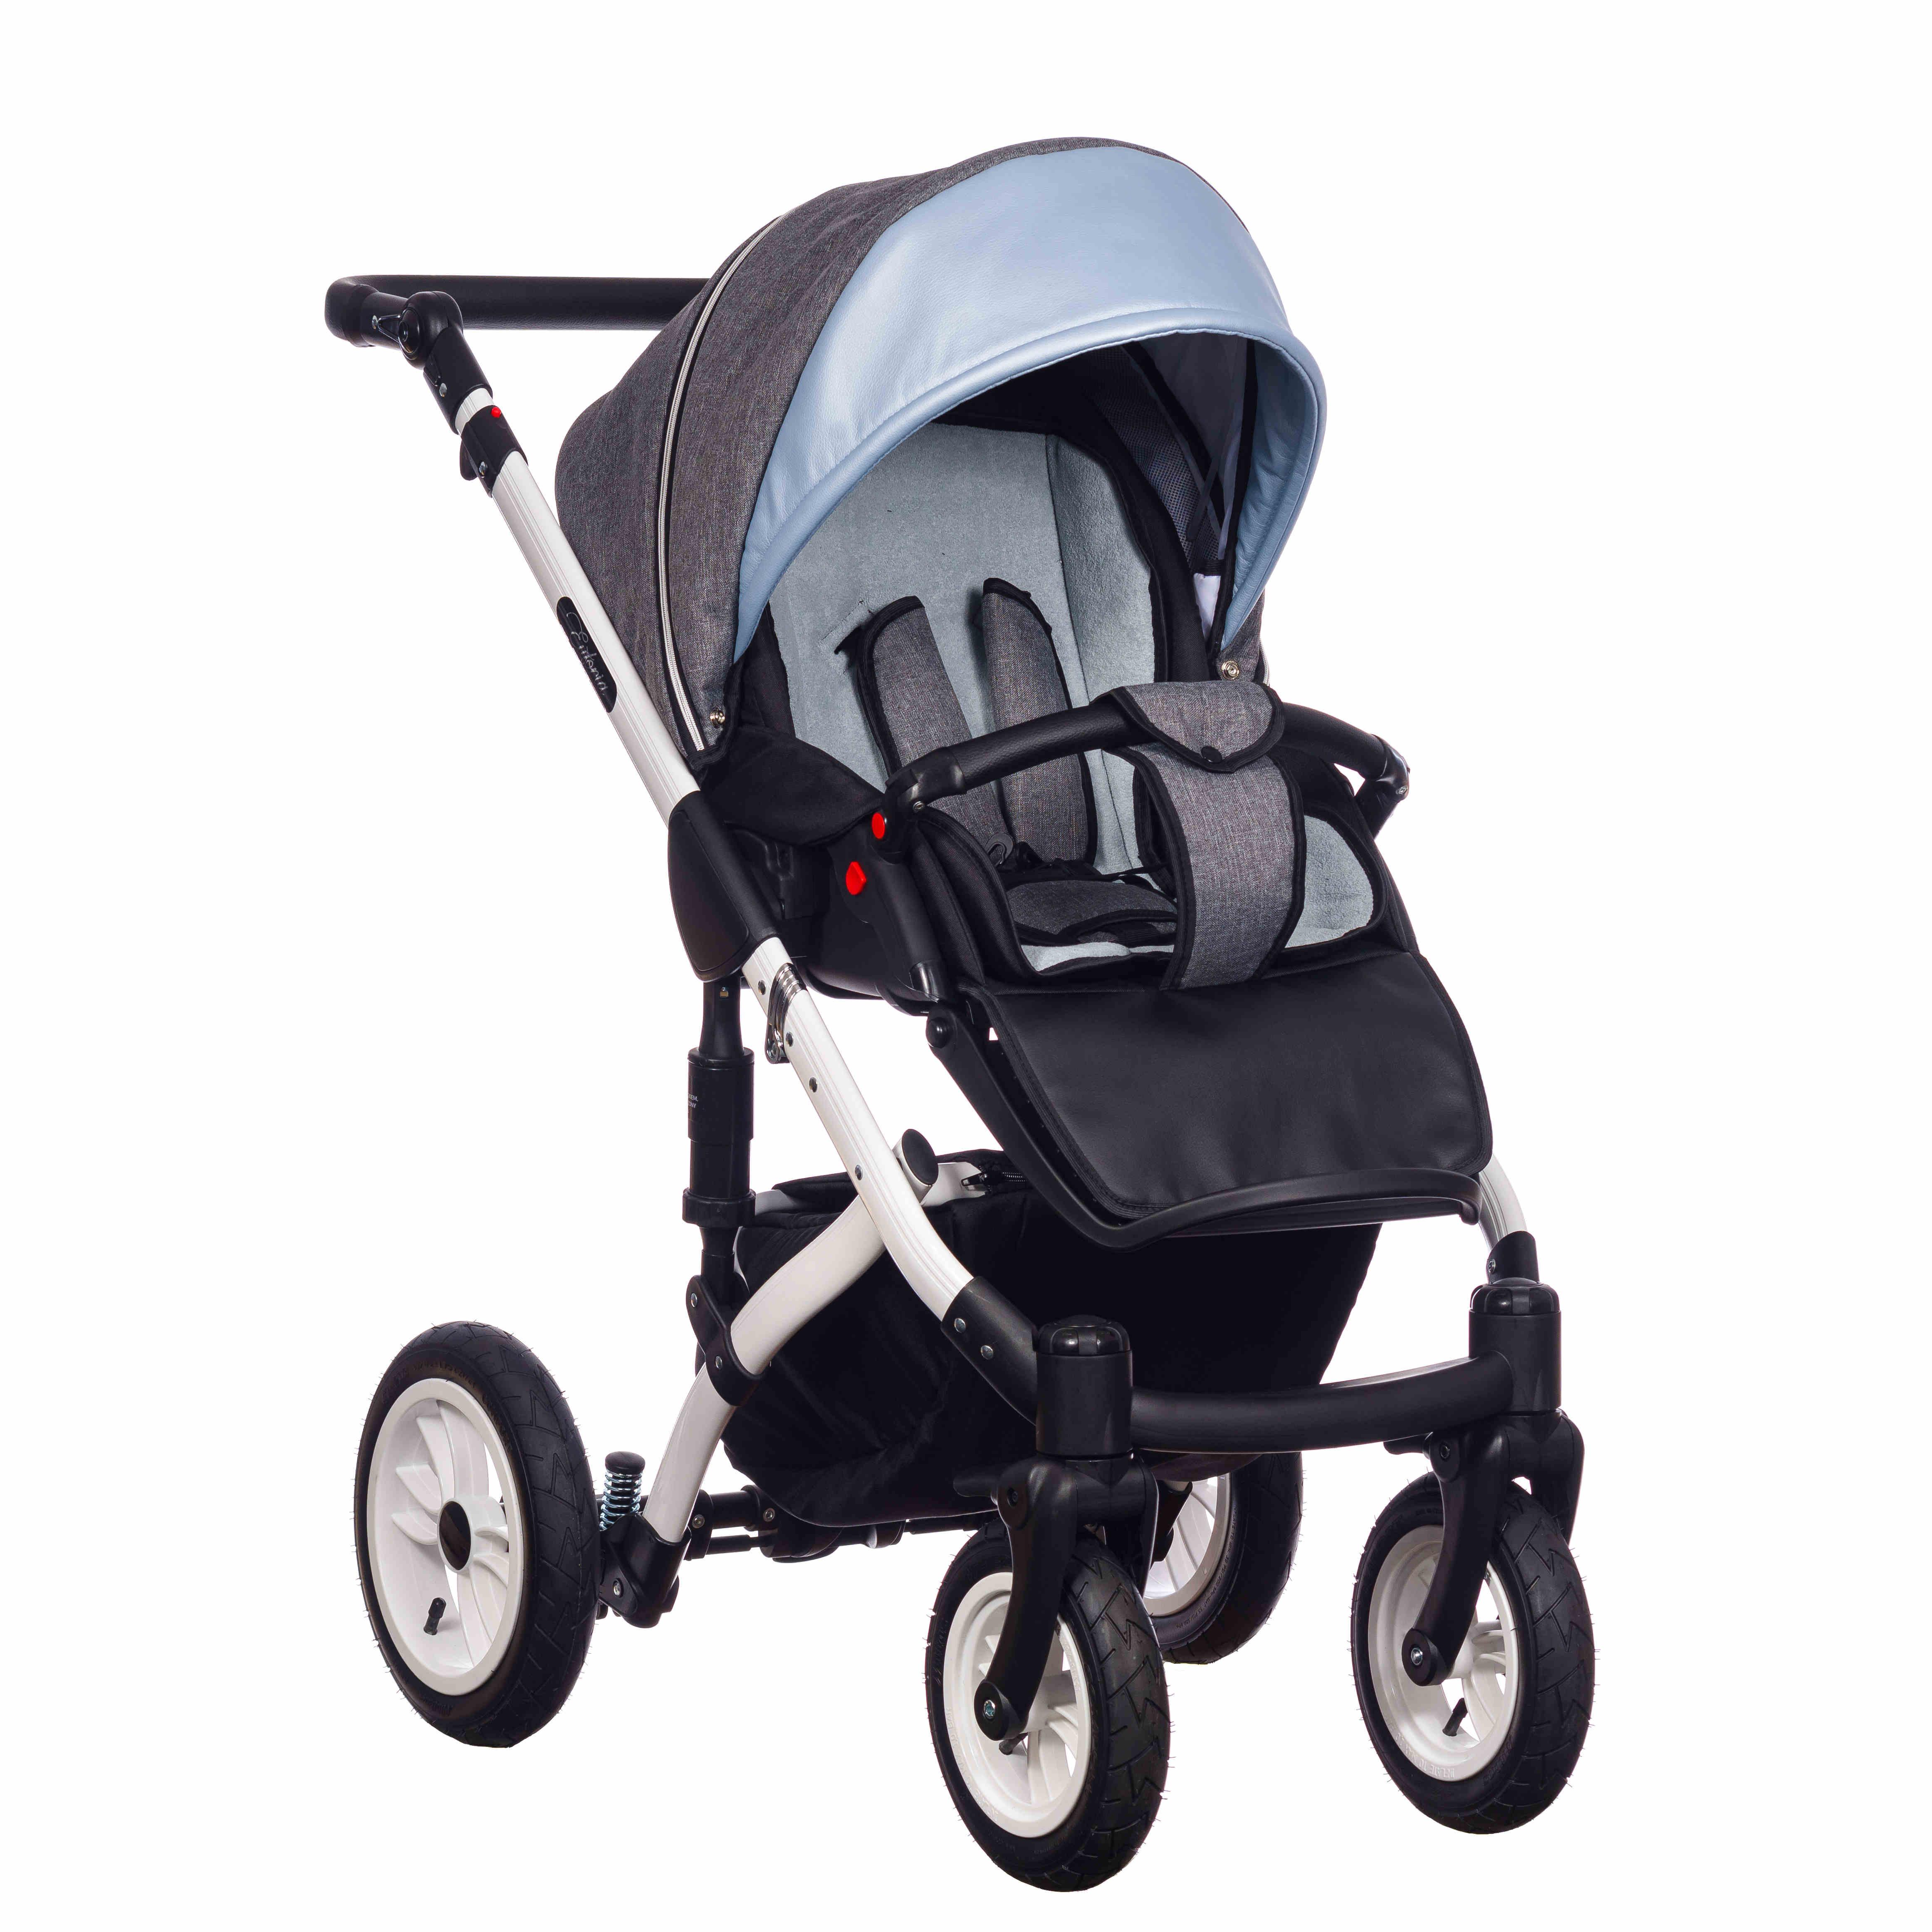 Euforia Comfort Line wózek dziecięcy wielofunkcyjny Paradise Baby spacerówka